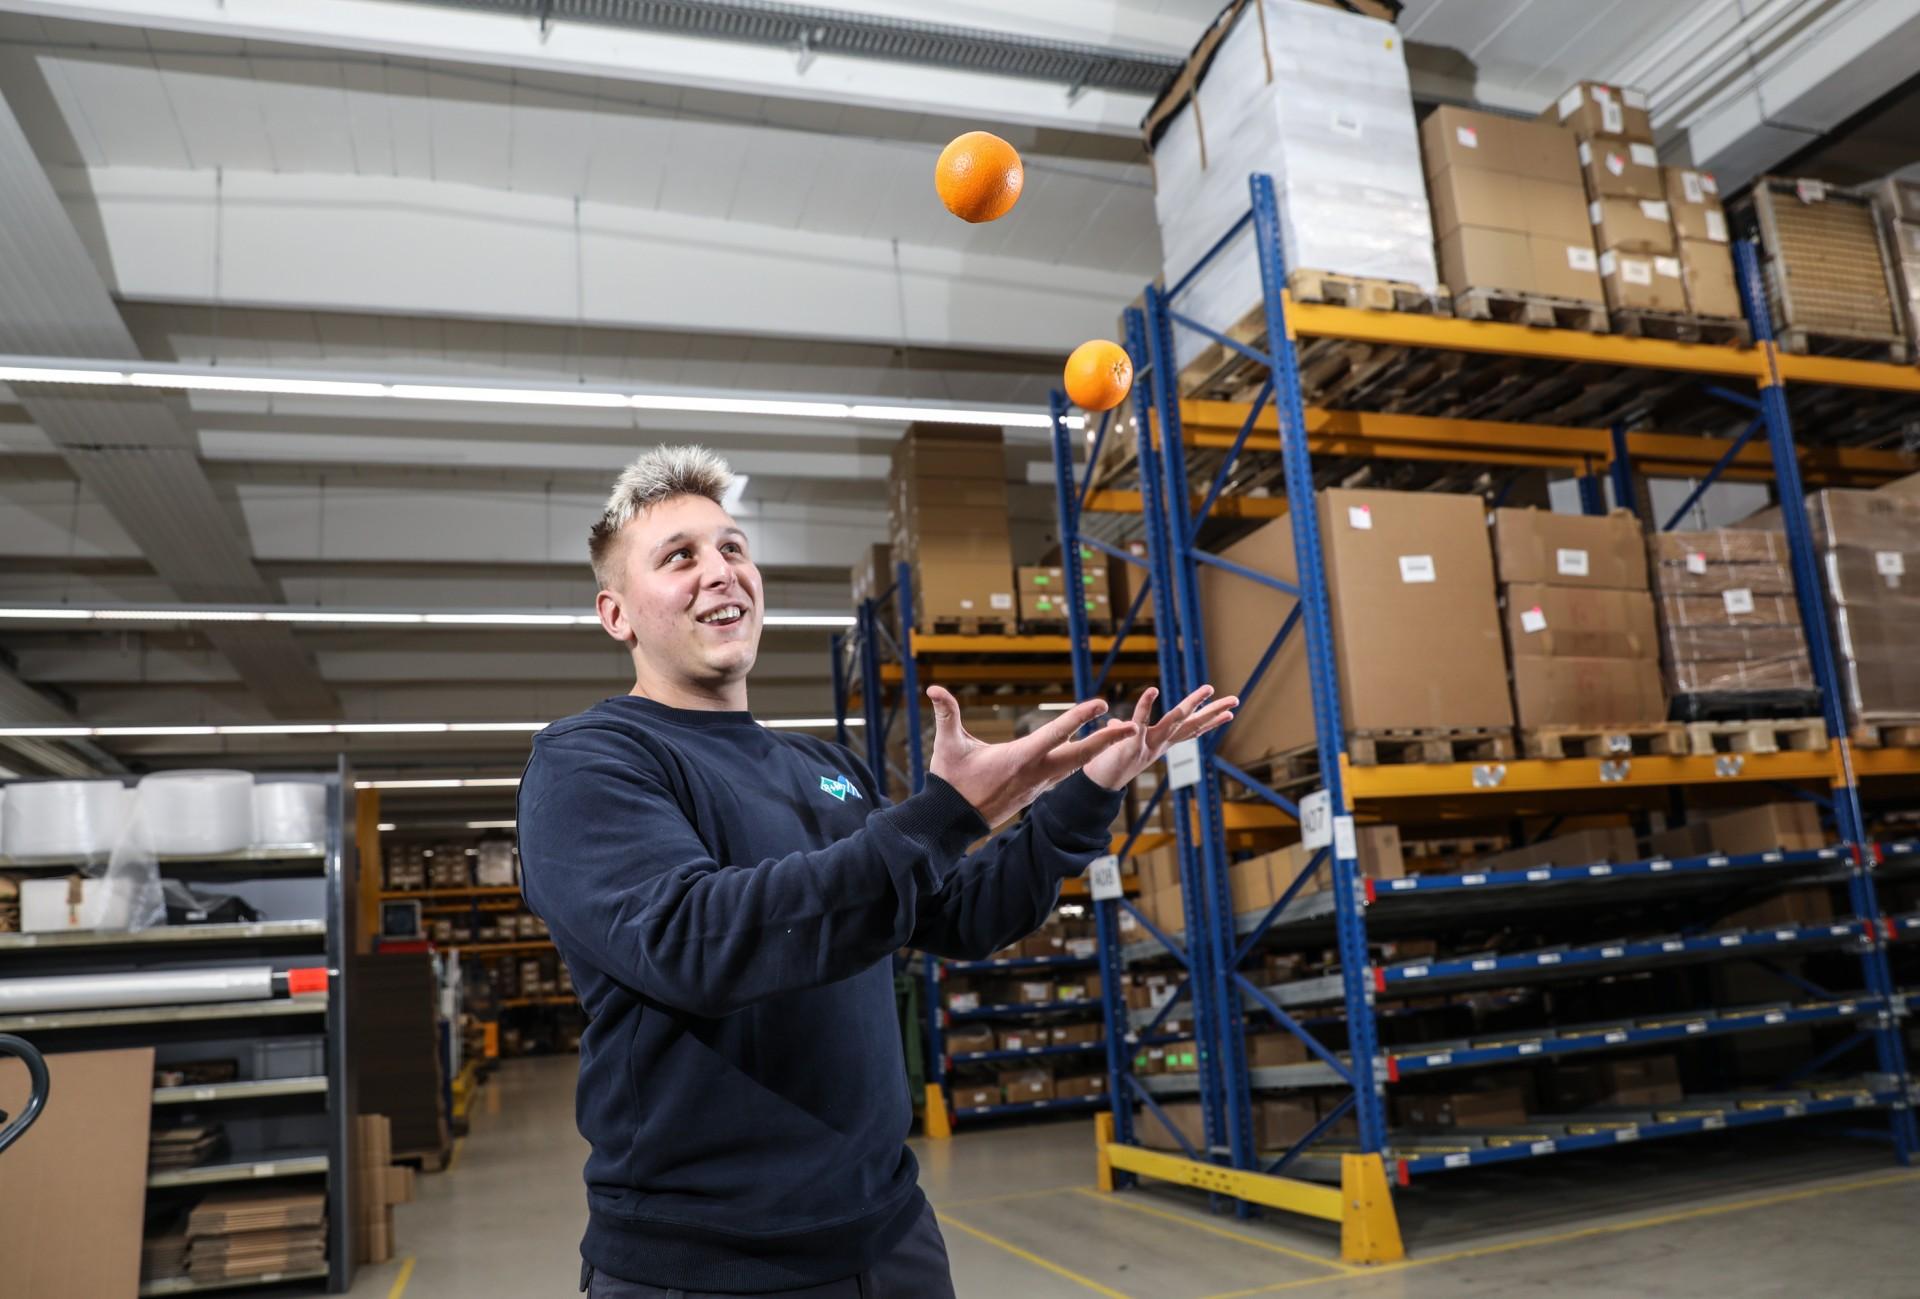 Lebensphasenorientierte Personalpolitik: R+M de Wit, Mitarbeiter jongliert mit Orangen im Lager